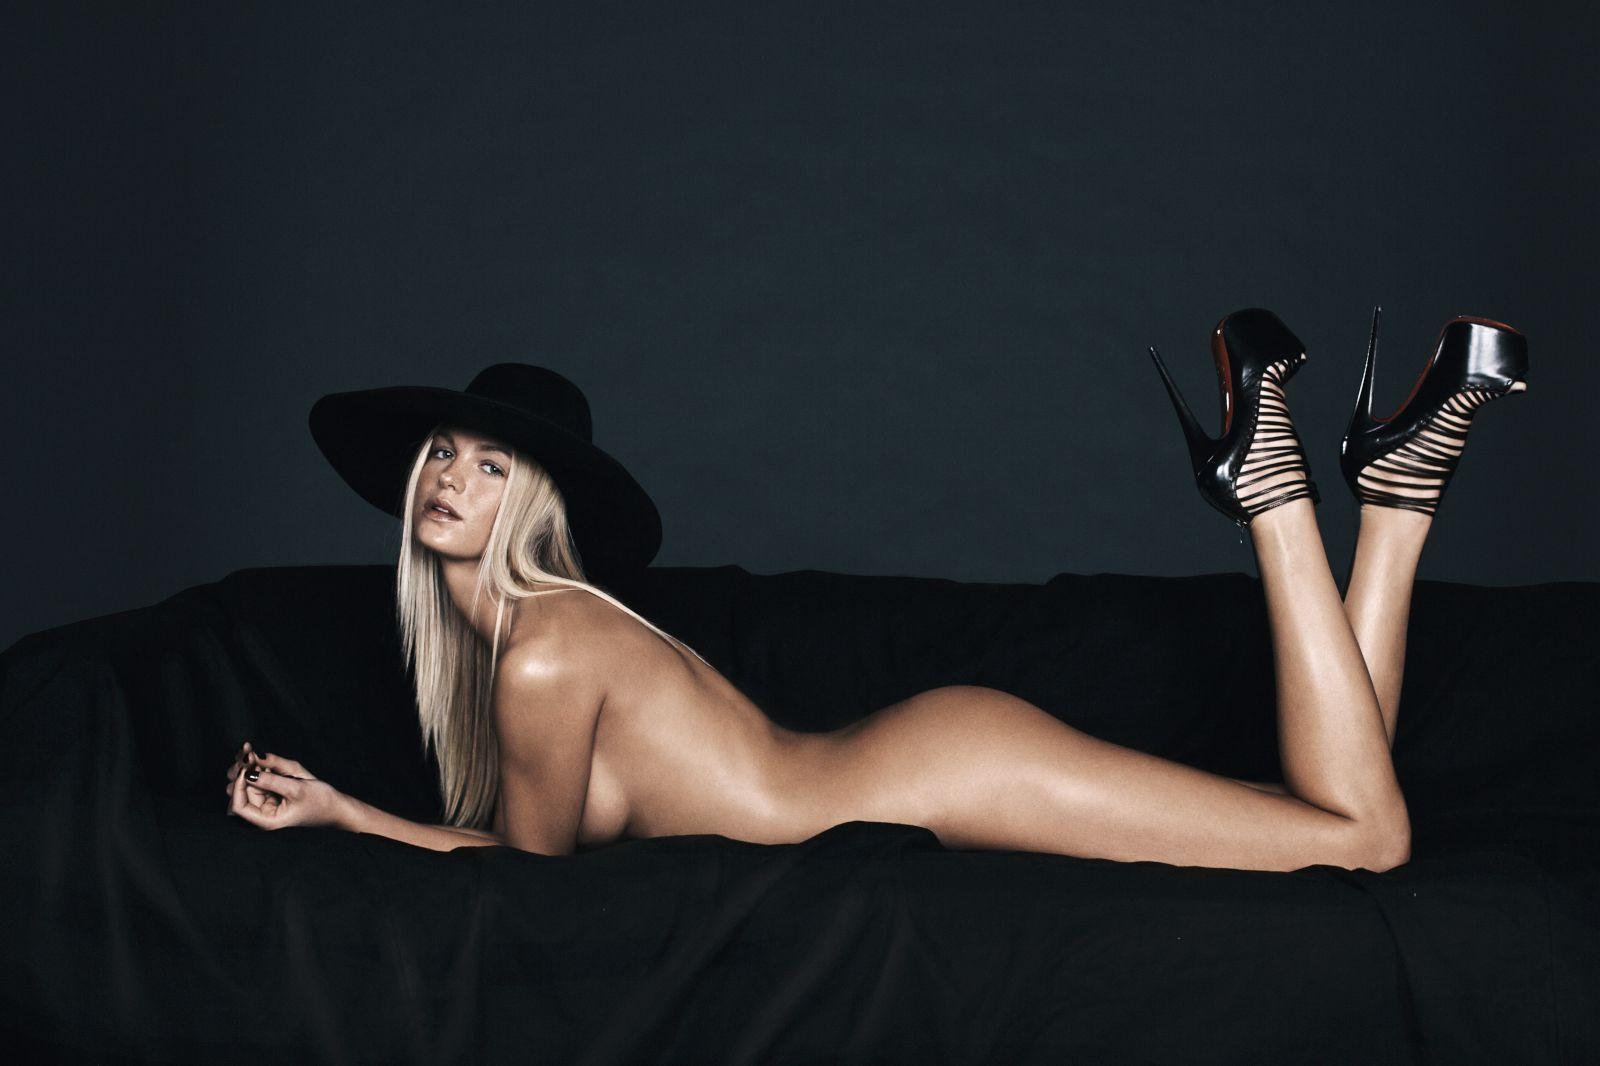 Naked seksikäs cheerleader taustakuvia-4049